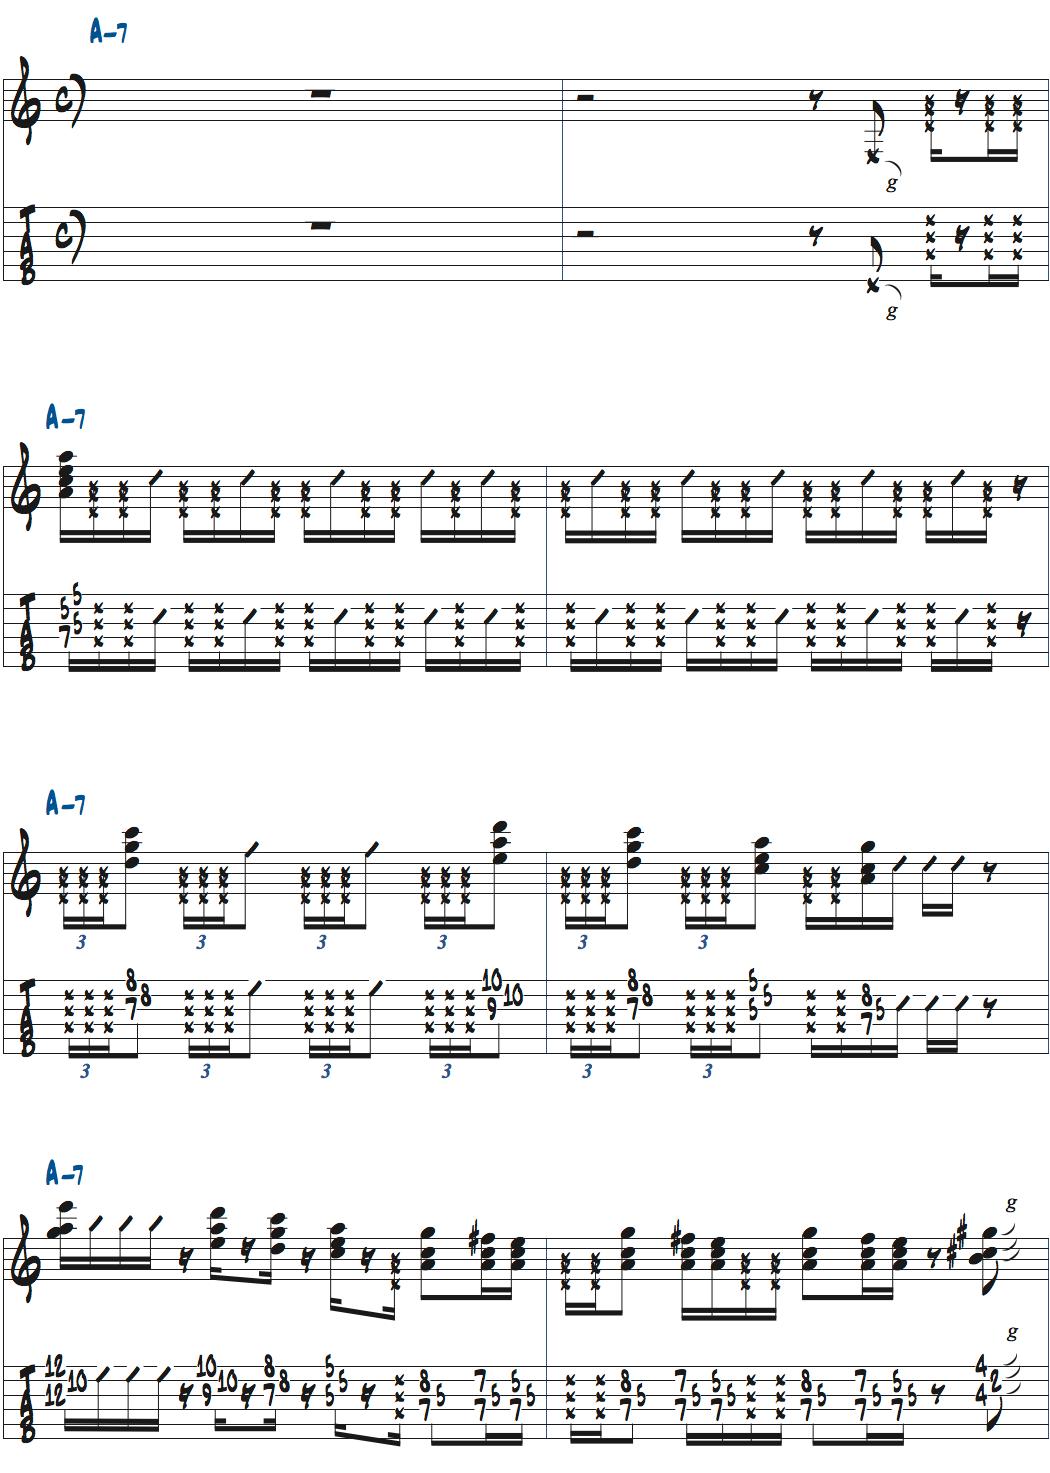 ポールジャクソンジュニアの空間を気にせずに弾いたバッキング楽譜ページ1